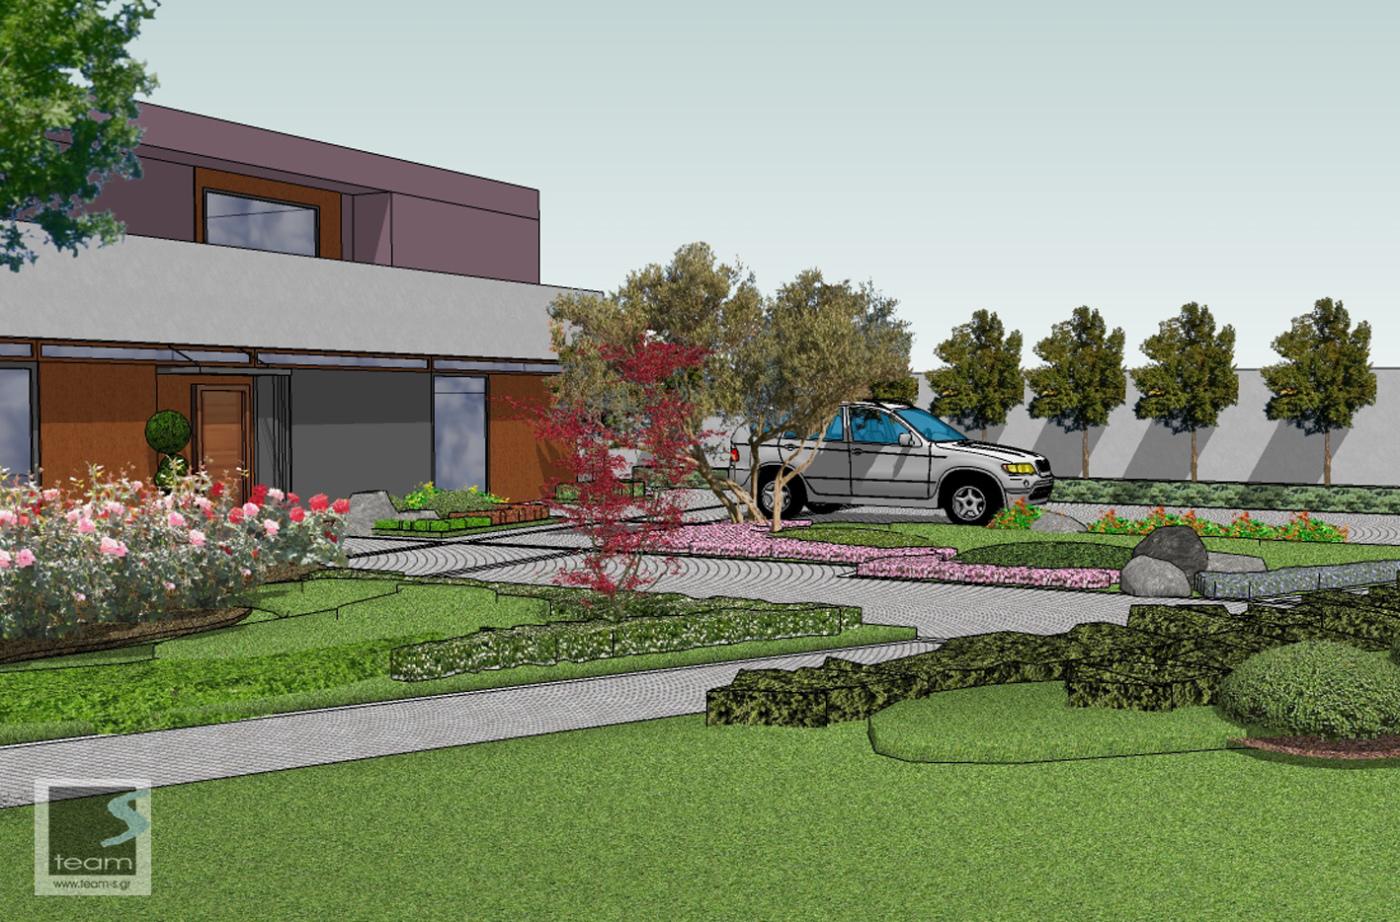 Private residence landscape design proposal land8 for Garden design proposal